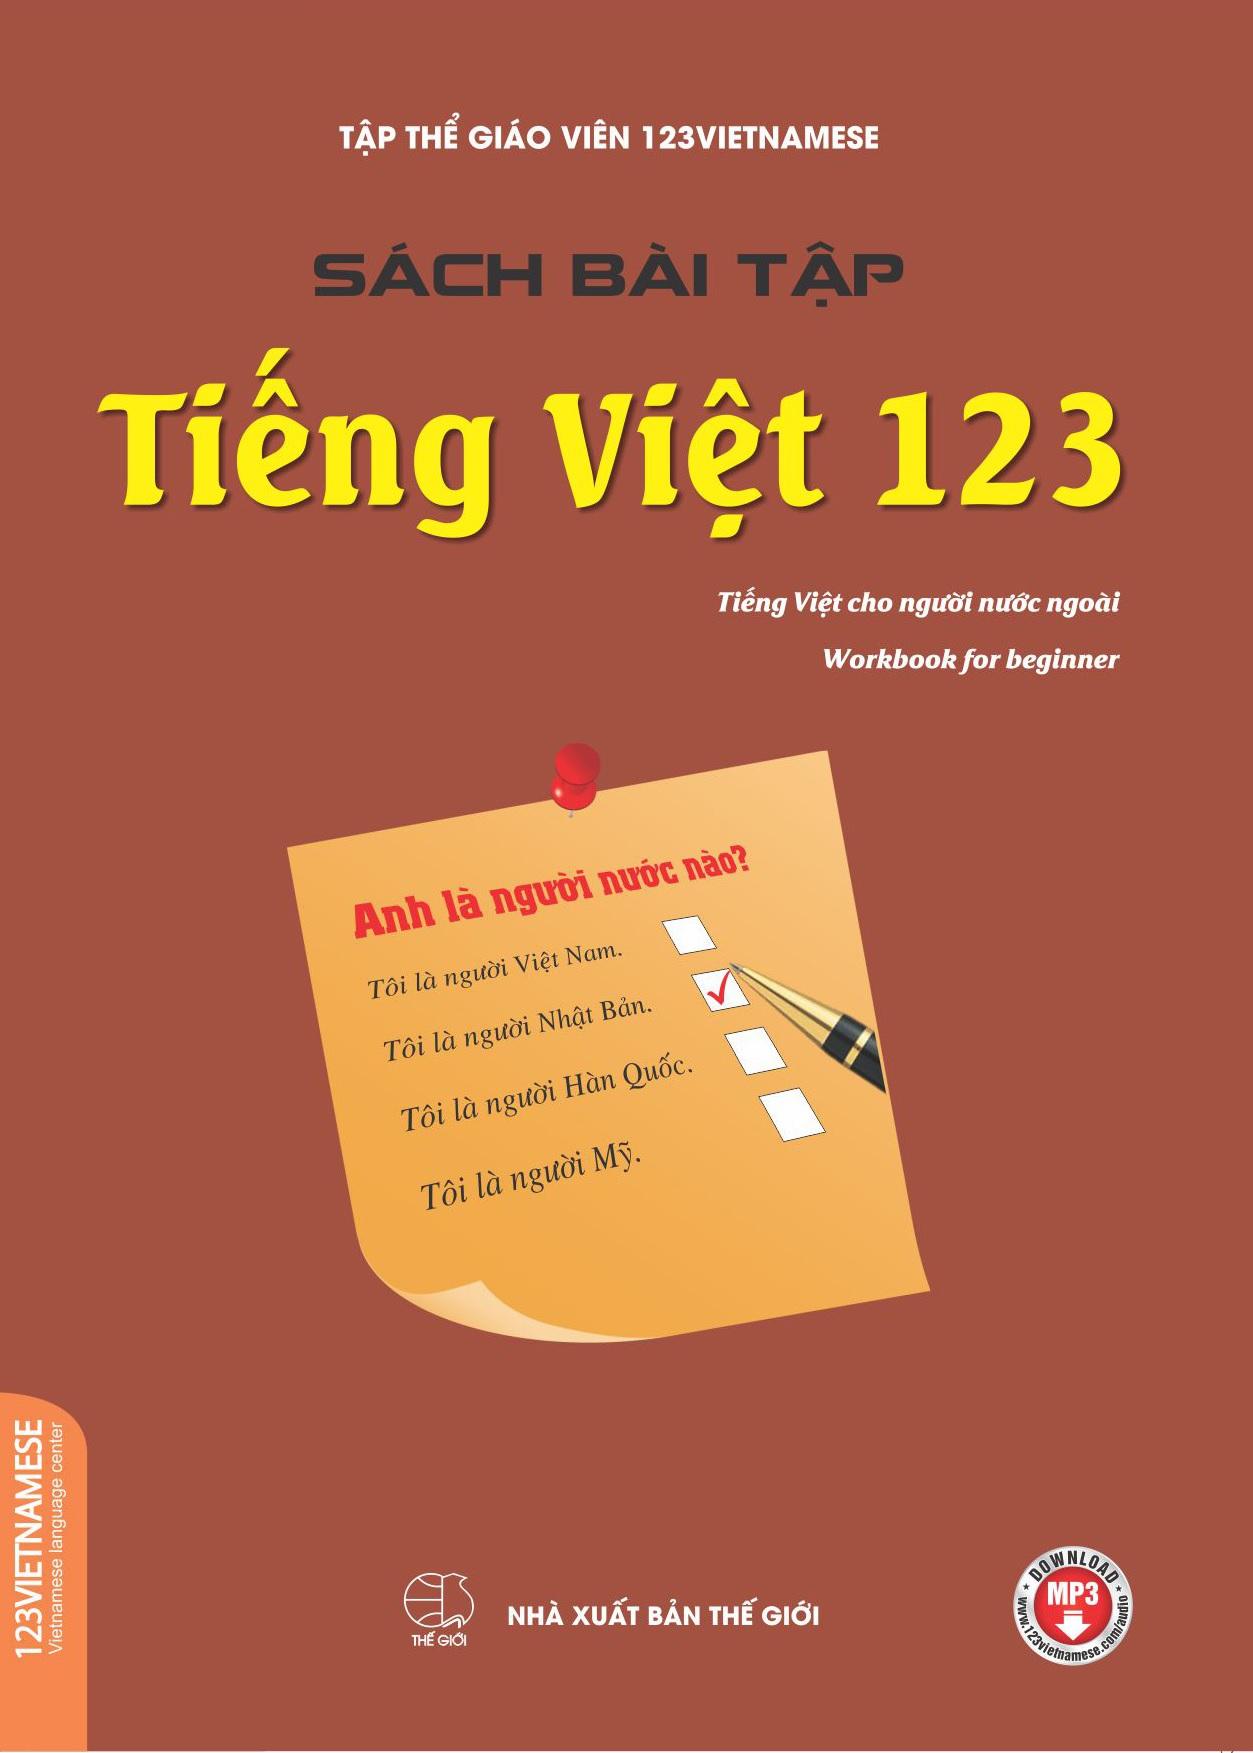 Sách Bài Tập Tiếng Việt 123 (Tiếng Việt Dành Cho Người Nước Ngoài)